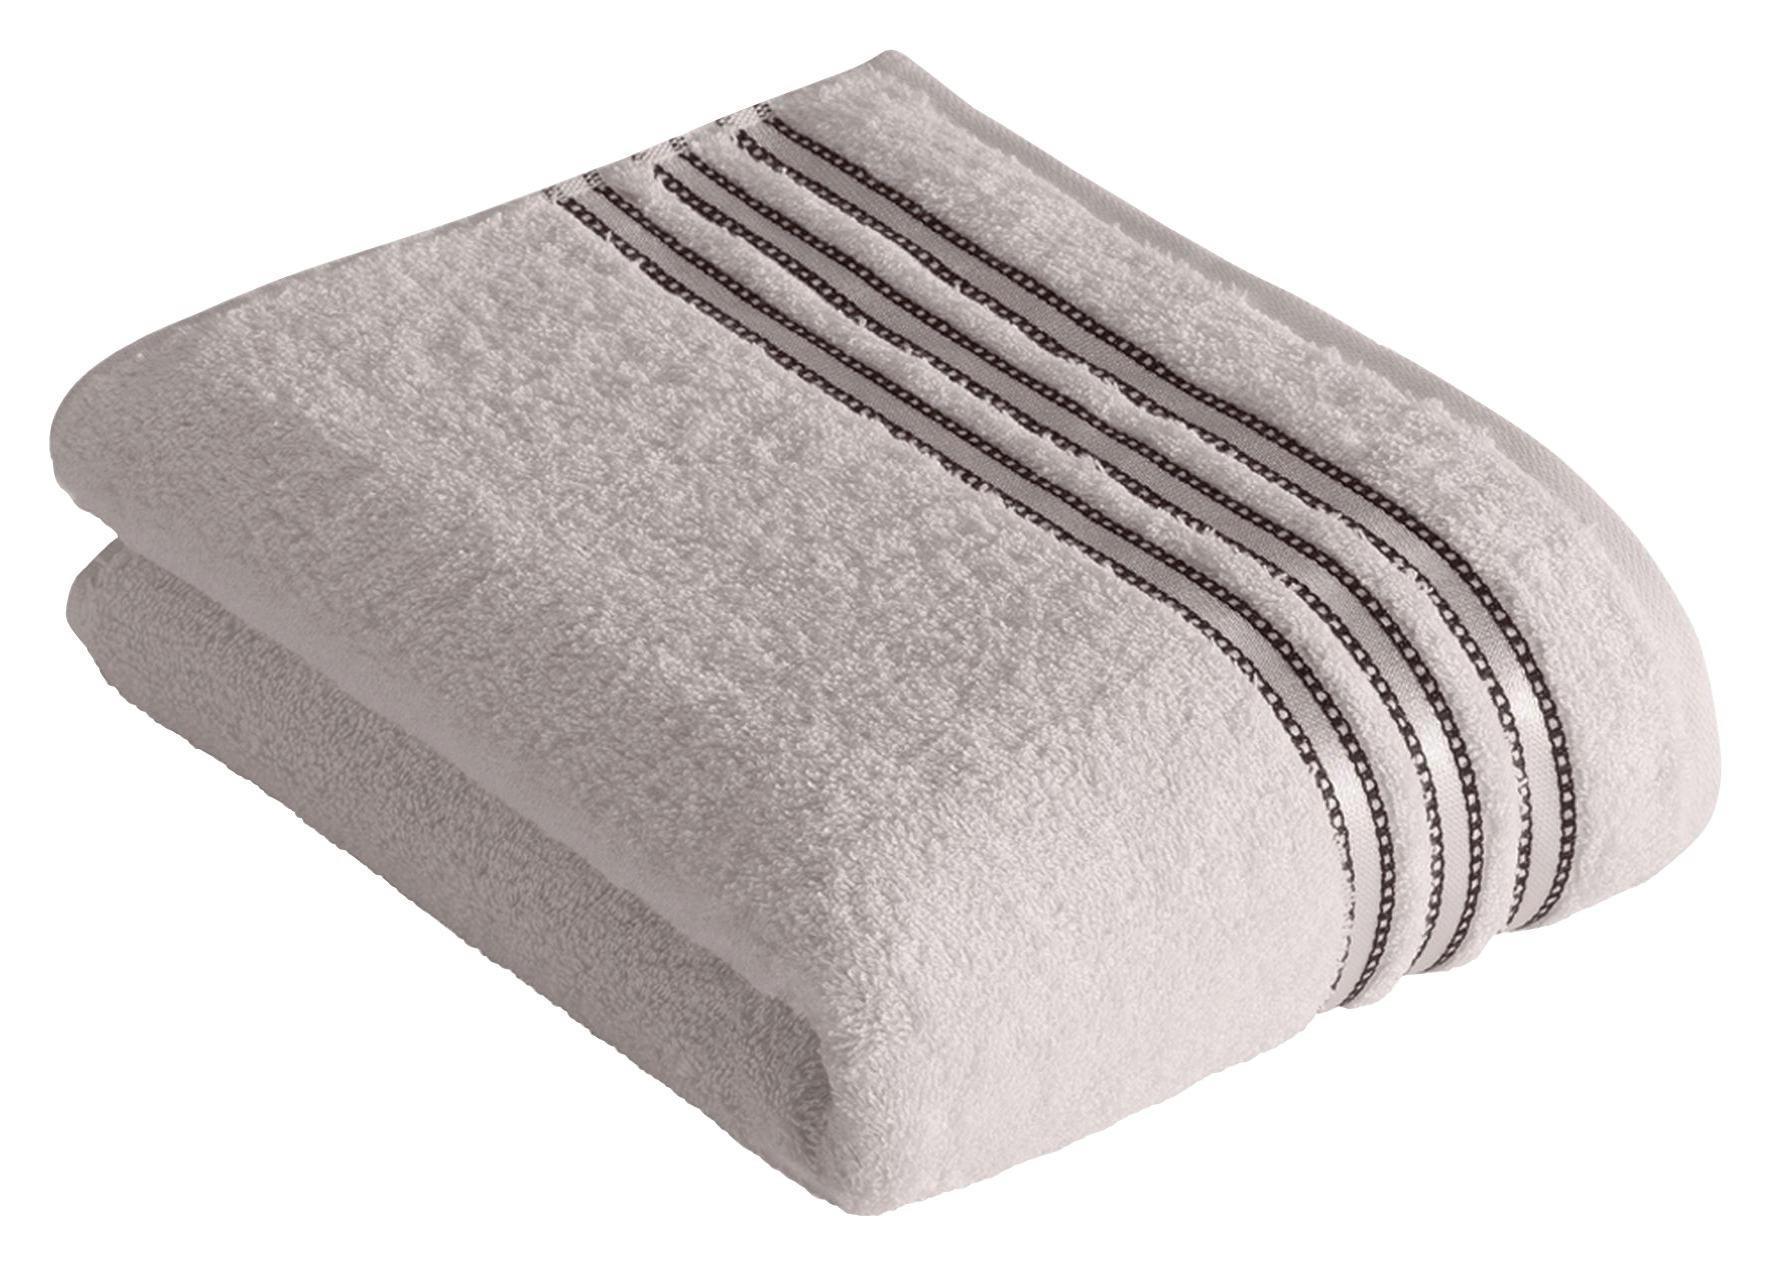 BRISAČA CULT DE LUXE, 67/140 - svetlo siva, Basics, tekstil (67/140cm) - VOSSEN